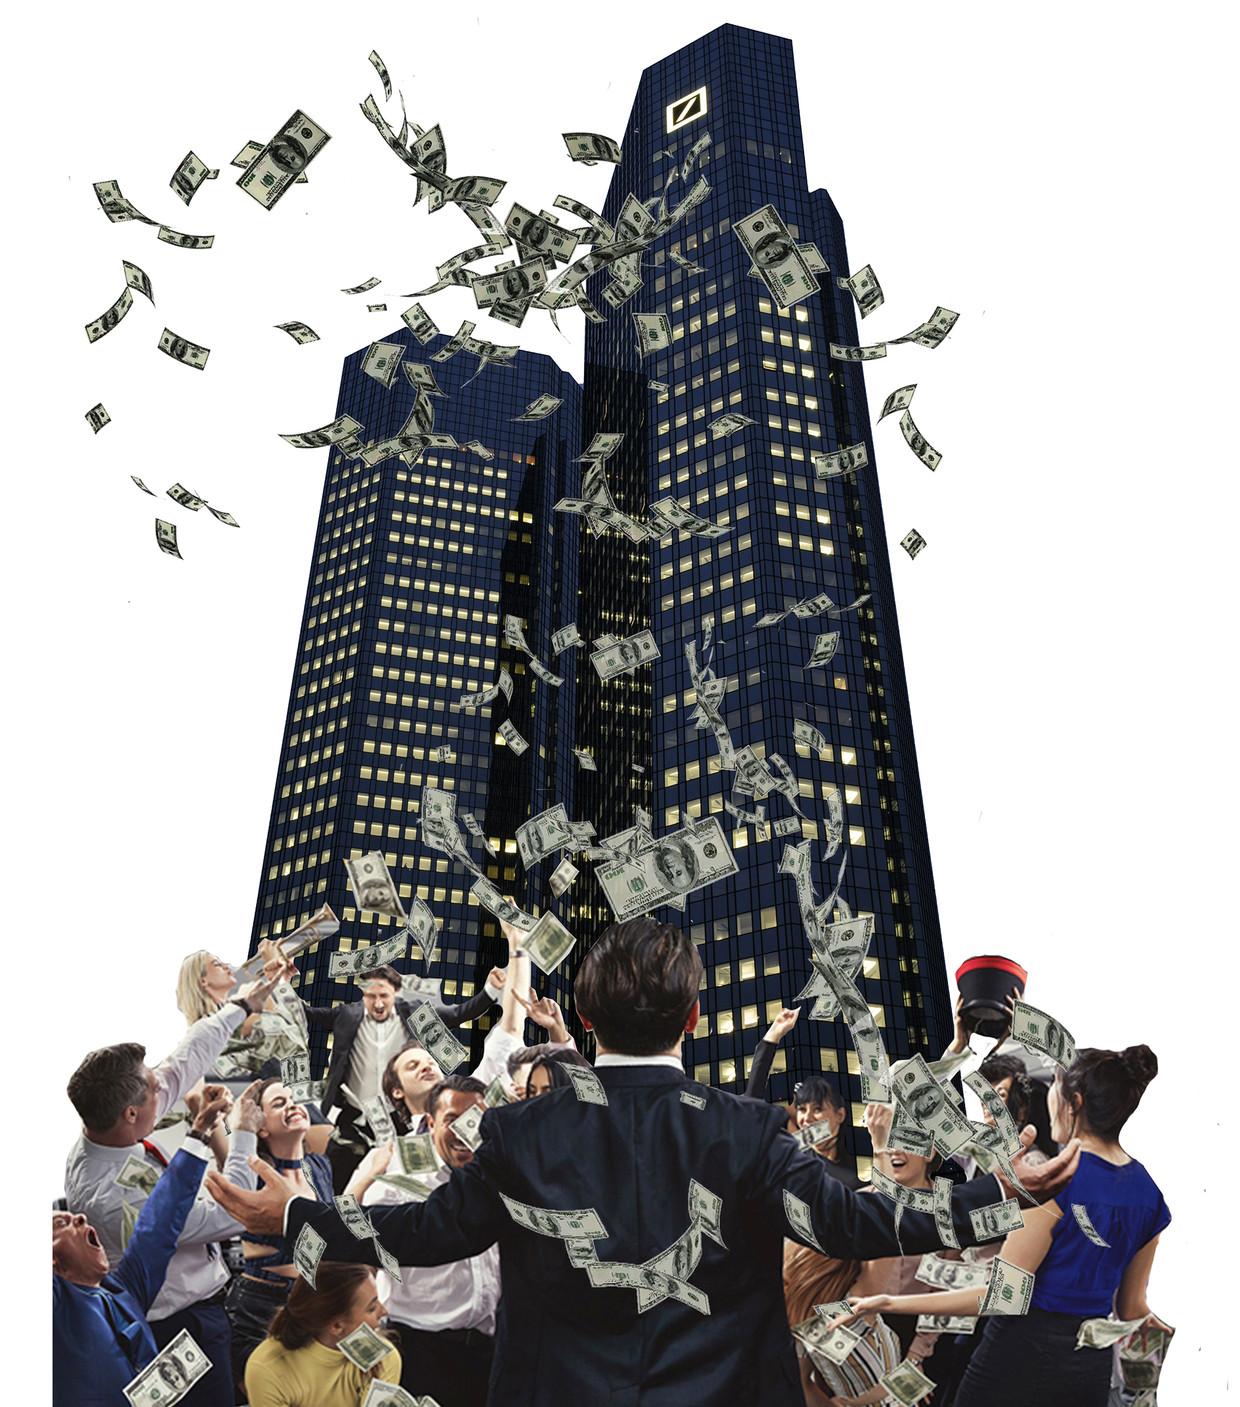 'Deutsche Bank was het massavernietigingswapen van de financiële wereld.' Beeld © Zoonar.com/Volker Rauch